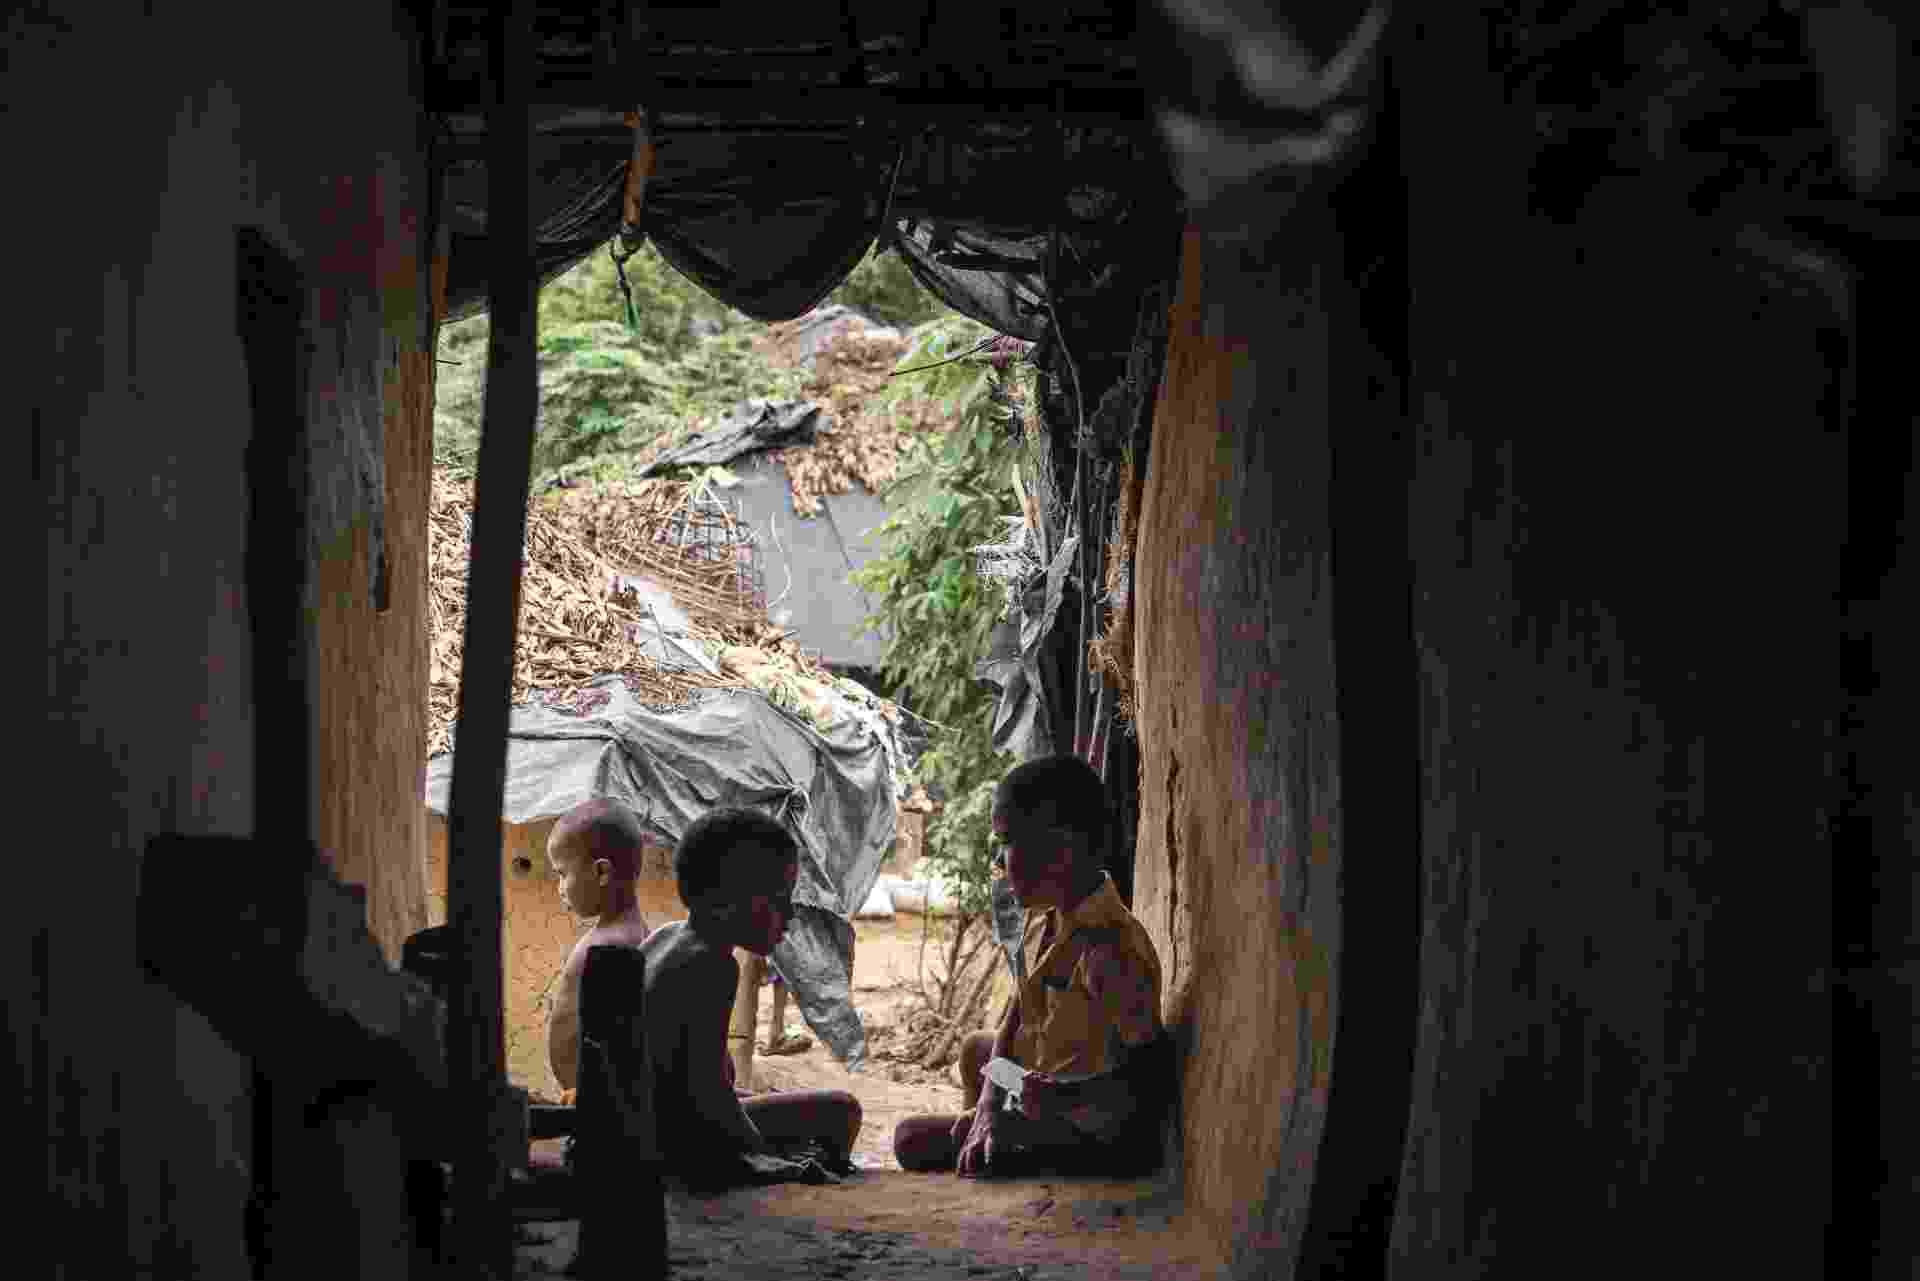 23.jul.2015 - Crianças da etnia Rogingya no campo de refugiados de Kutupalong em Teknaaf, Bangladesh - Sergey Ponomarev/The New York Times